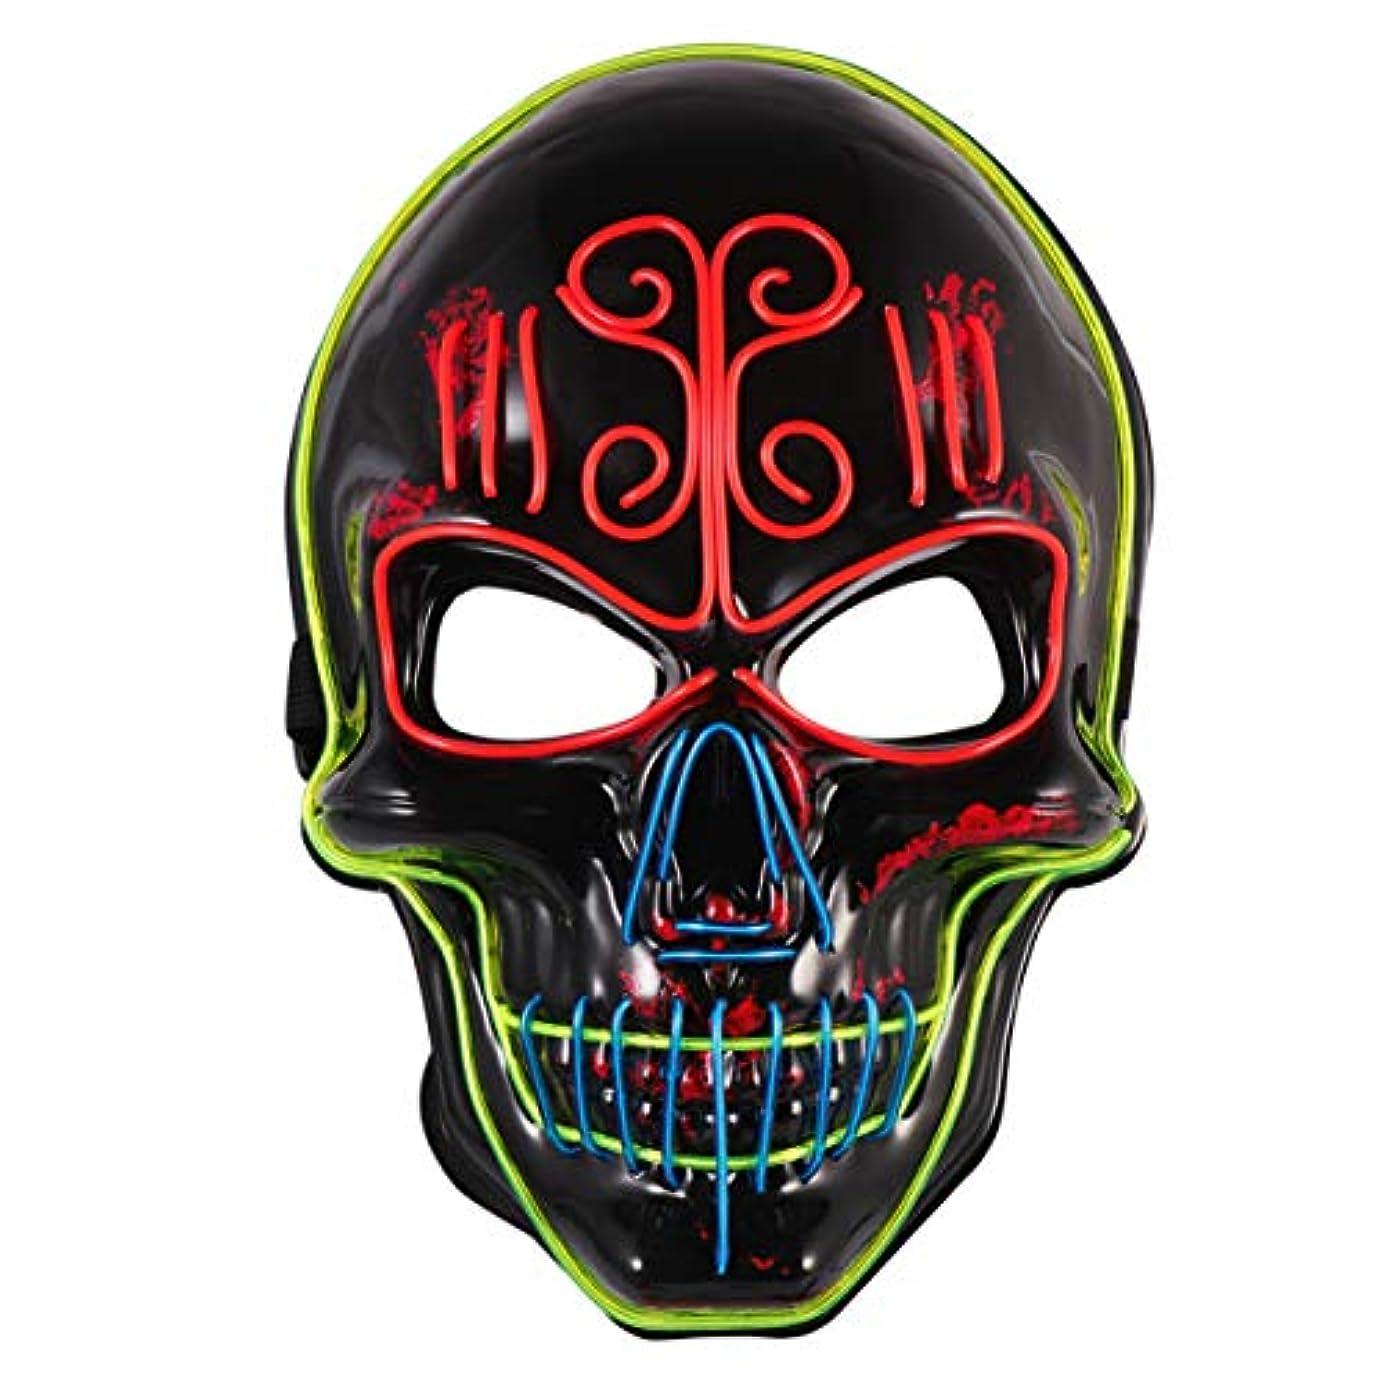 感動する解釈マラウイAmosfun ledライトマスク怖いスカルヘッドテロコスプレマスクヘッドカバー発光マスク用ファンシーパーティーハロウィンダンスパーティー